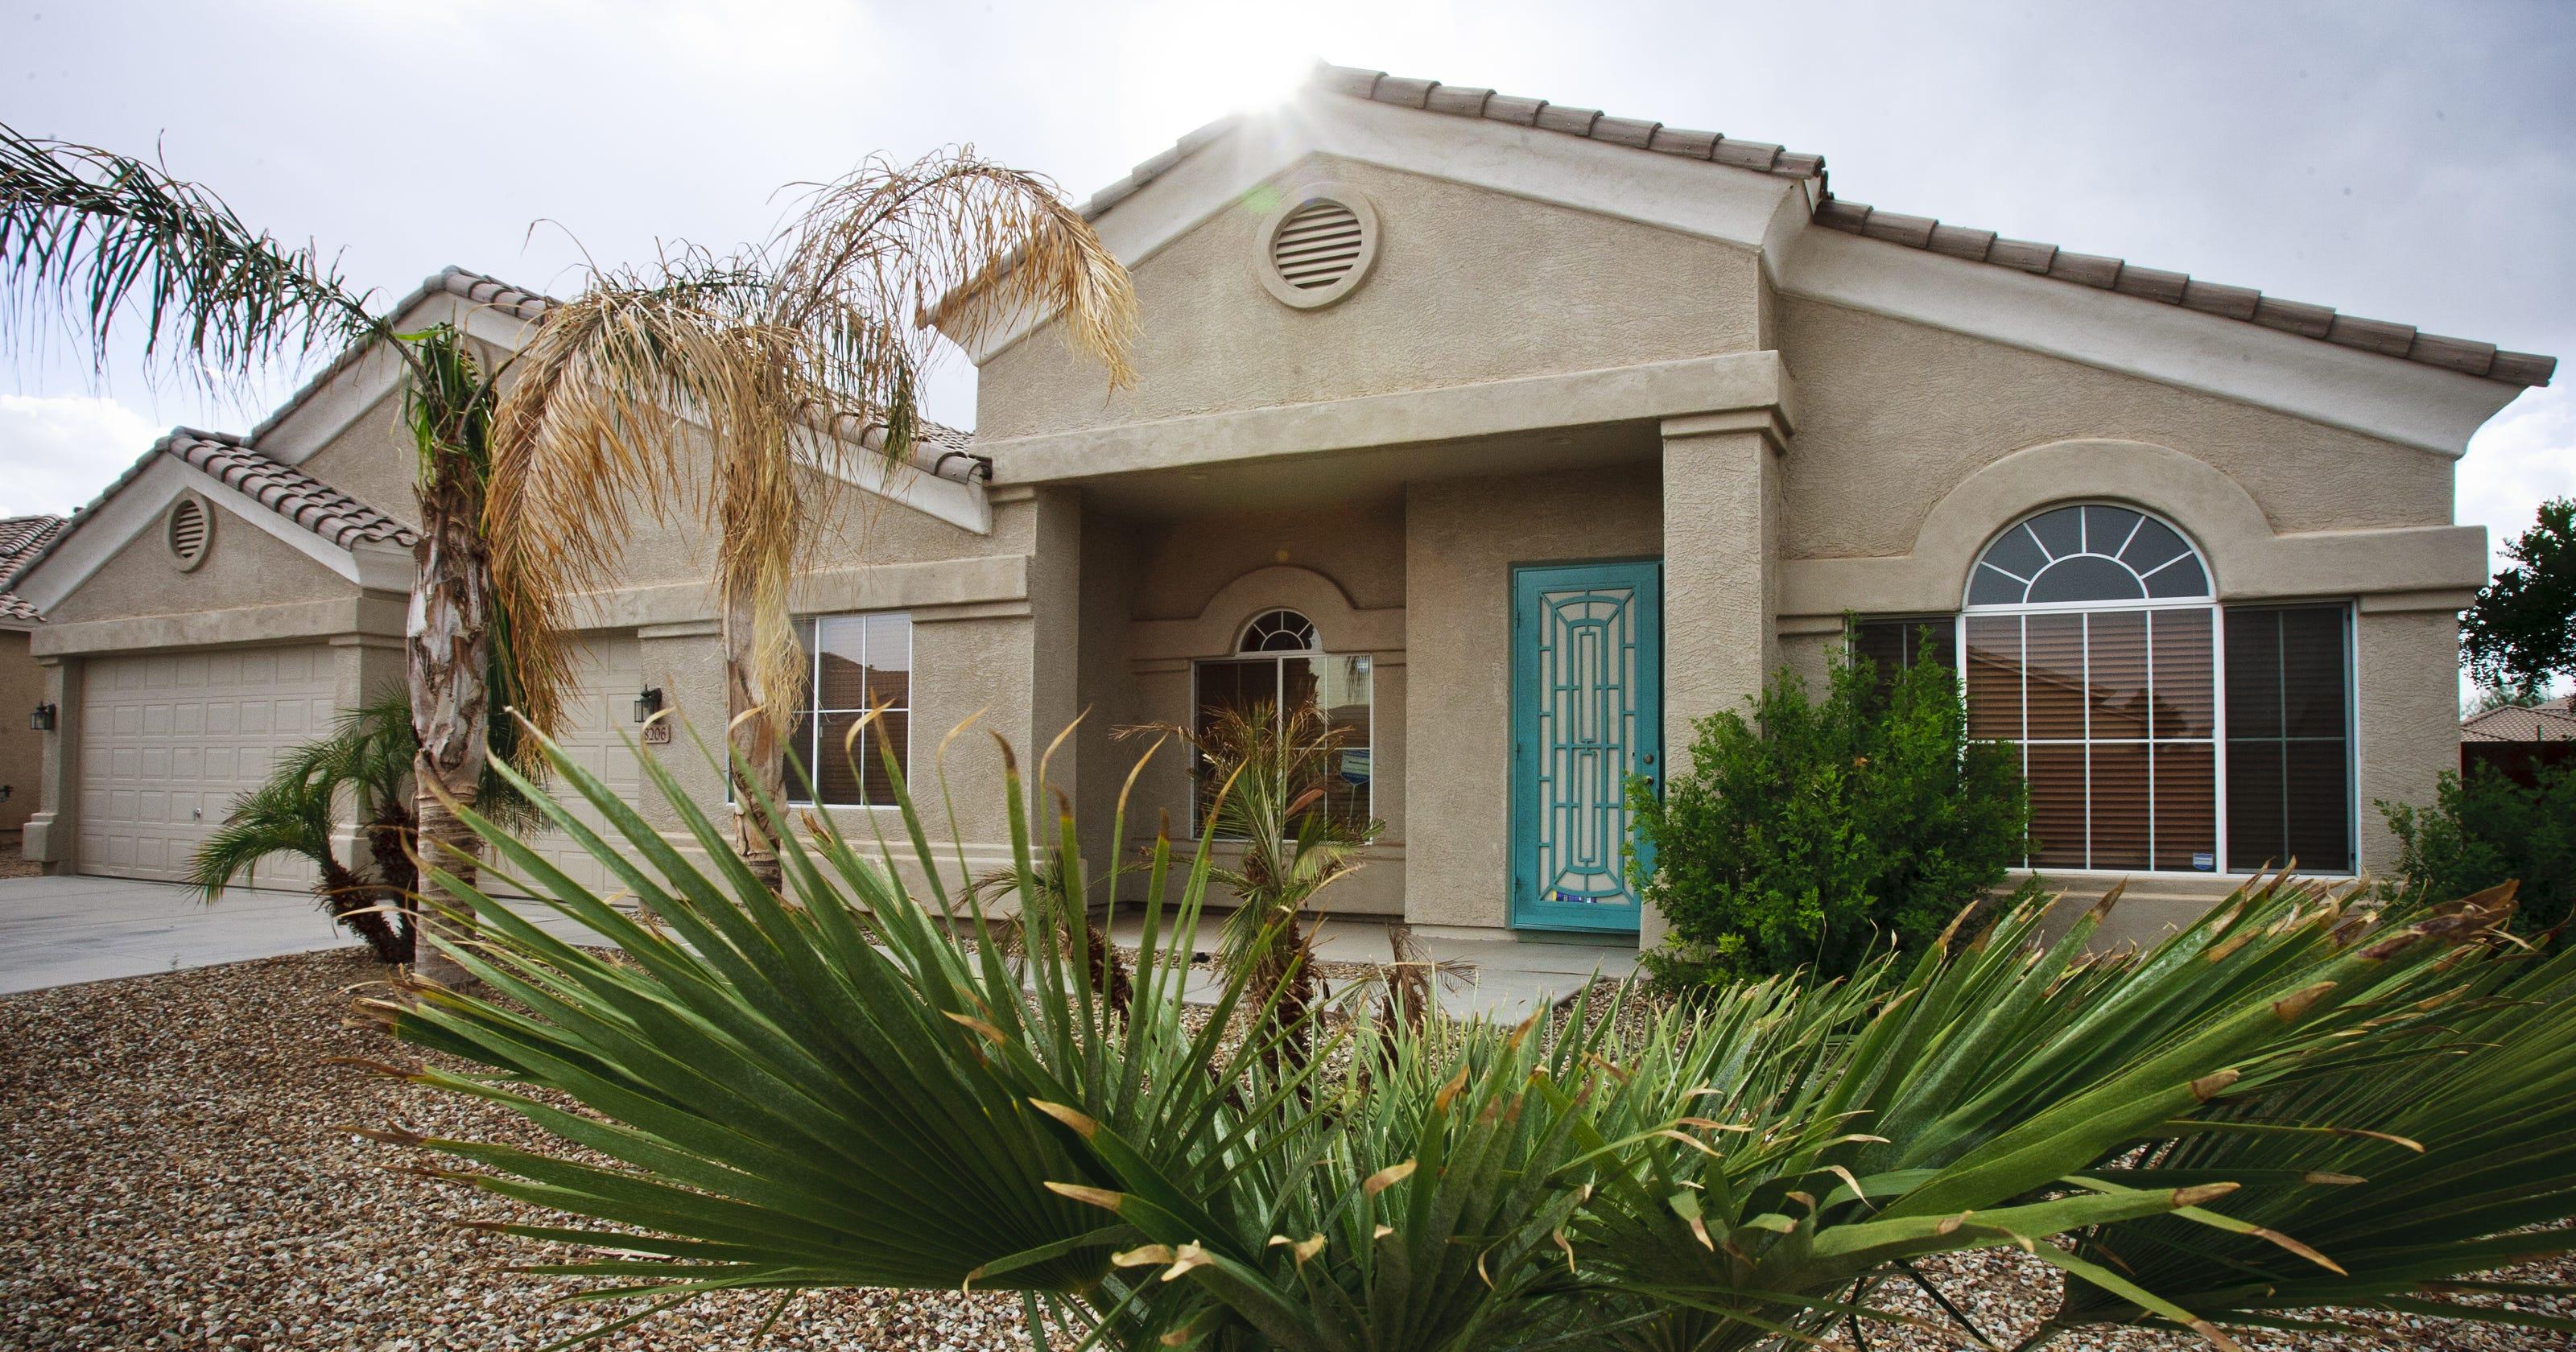 5 Arizona ZIP codes rank in top 25 U S  areas for investors on rentals